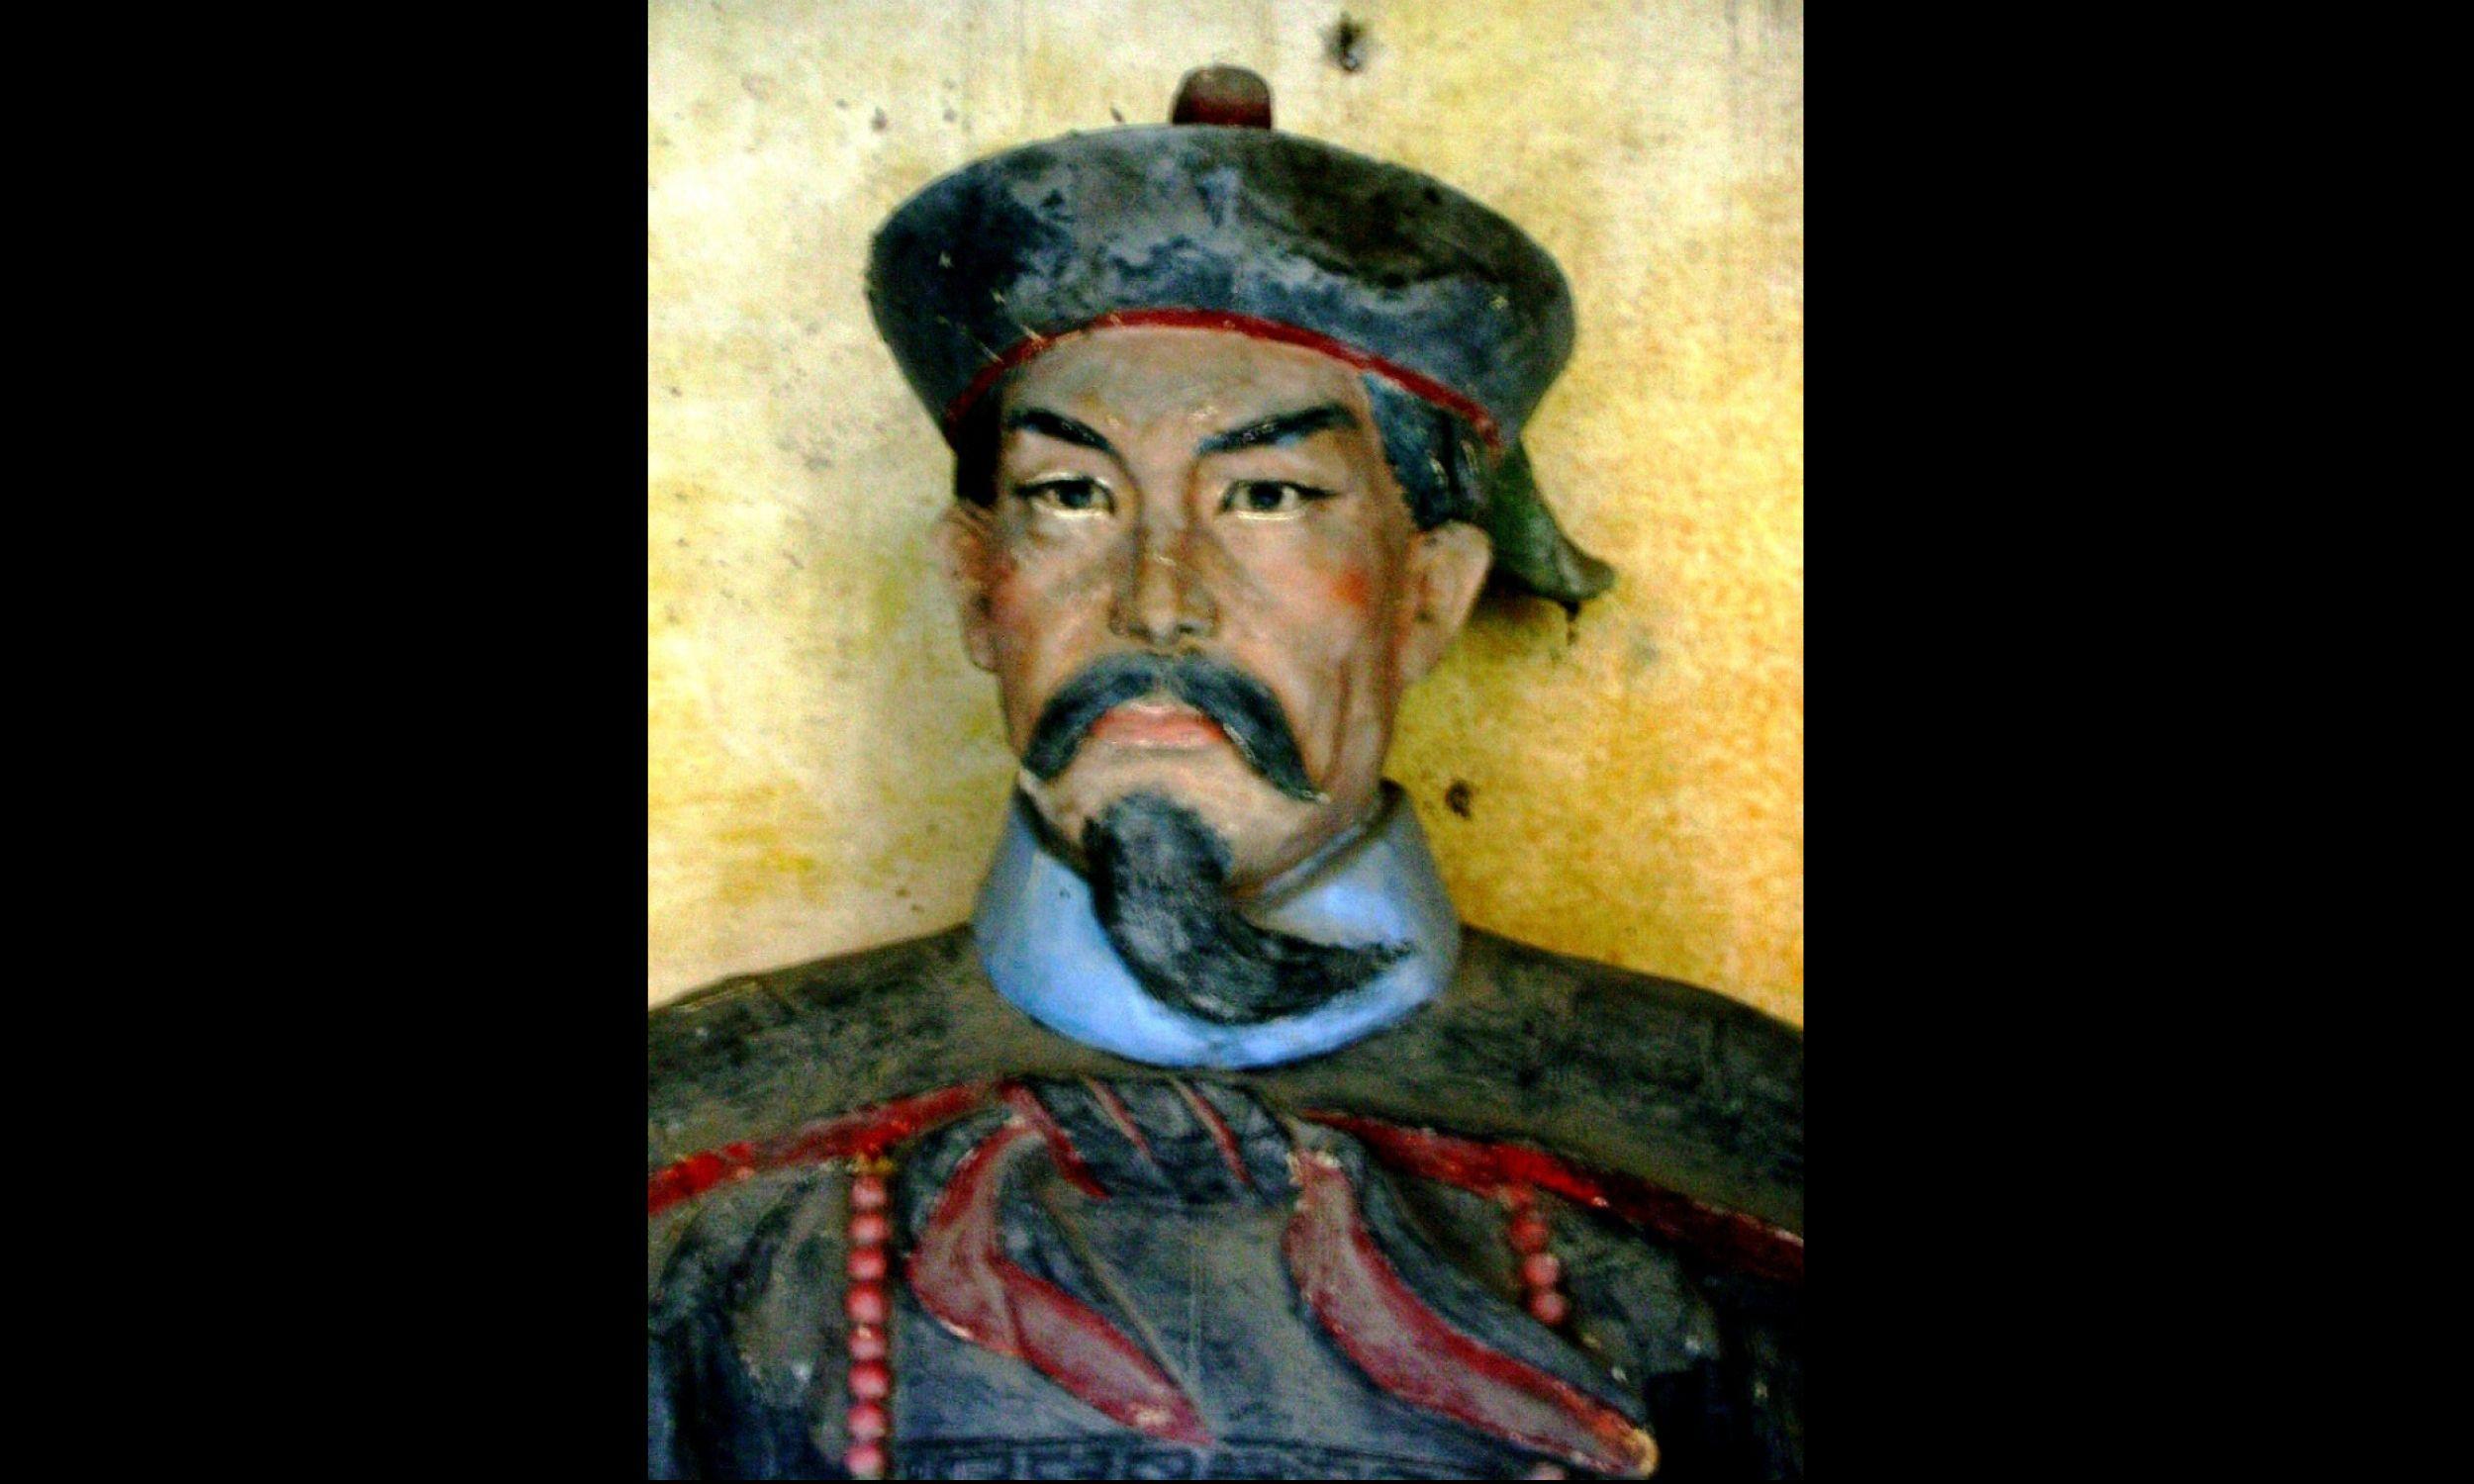 """Twórca dania """"kurczak kung pao z orzeszkami"""" Ding Baozhena był gubernatorem dynastii Qing w prowincji Syczuan. Na zdjęciu antyczna statua Ding Baozhena przy światyni Erwang w mieście Dujiangyan w prowincji Syczuan, w zespole miejskim Chengdu. Fot. Mutt - praca własna, CC BY-SA 4.0, https://commons.wikimedia.org/w/index.php?curid=3950513"""